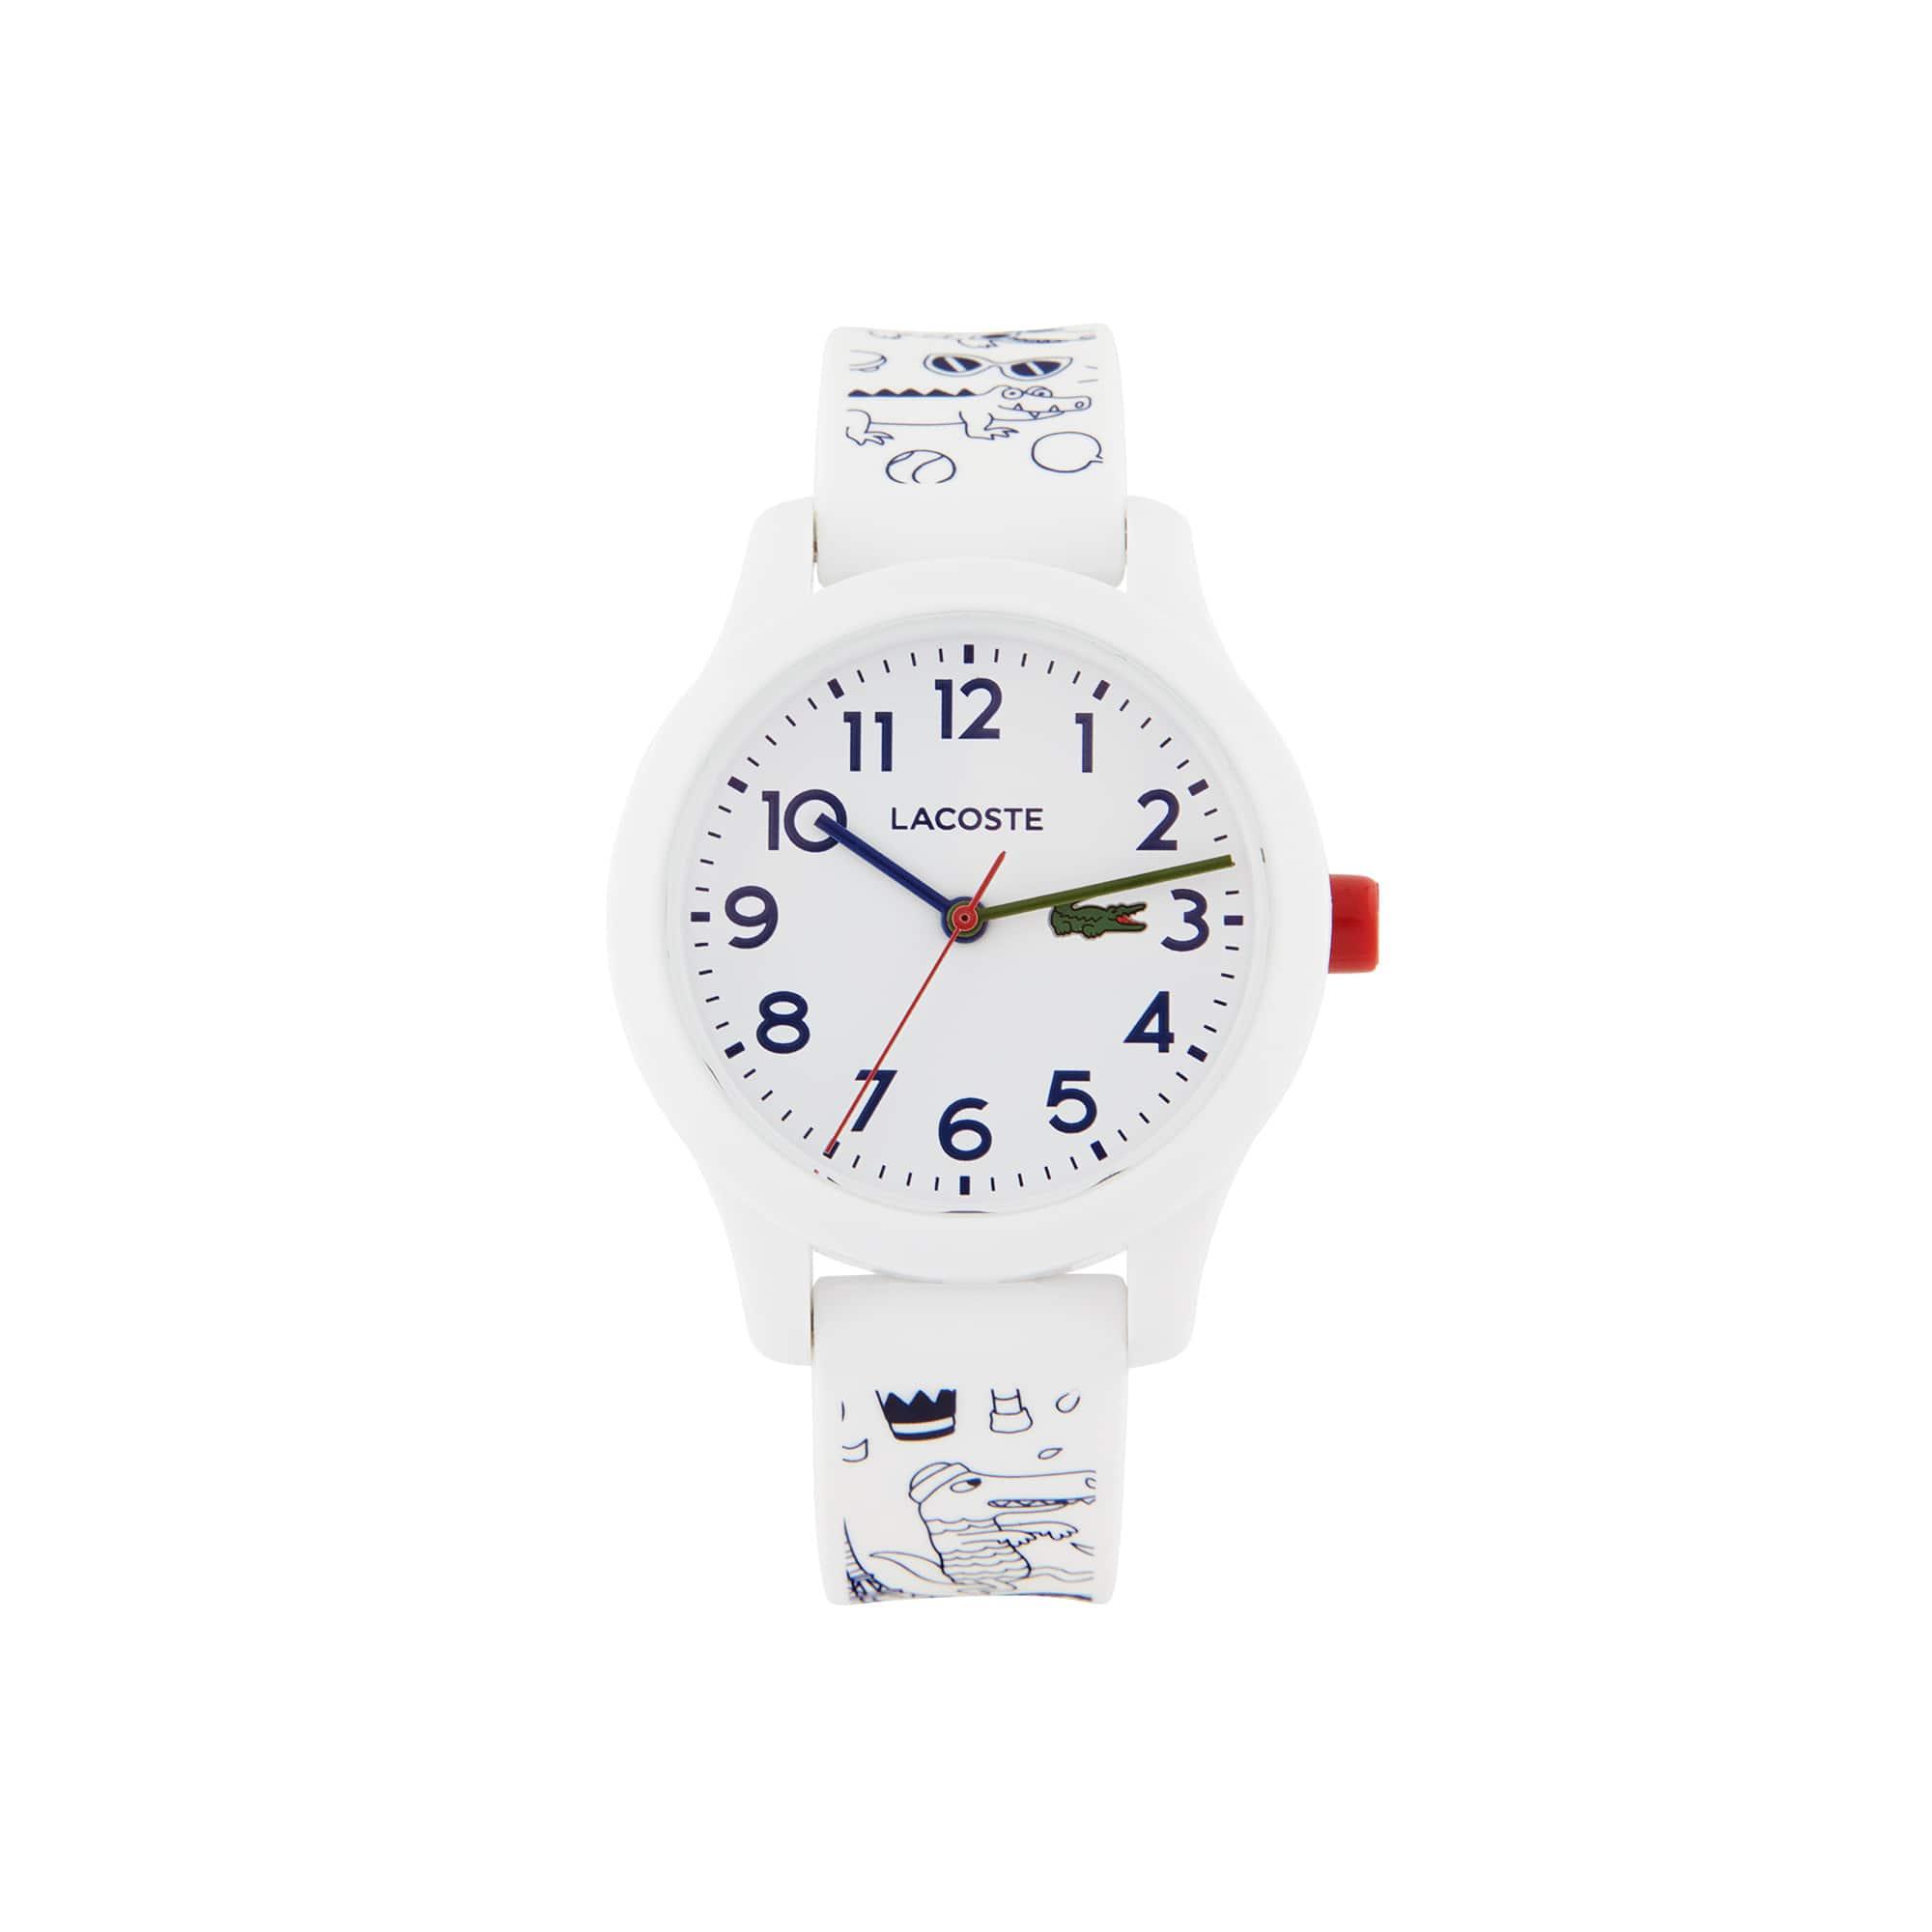 Kinderen Lacoste 12.12 OMY Gelimiteerde Editie Horloge met Witten Siliconen Armband